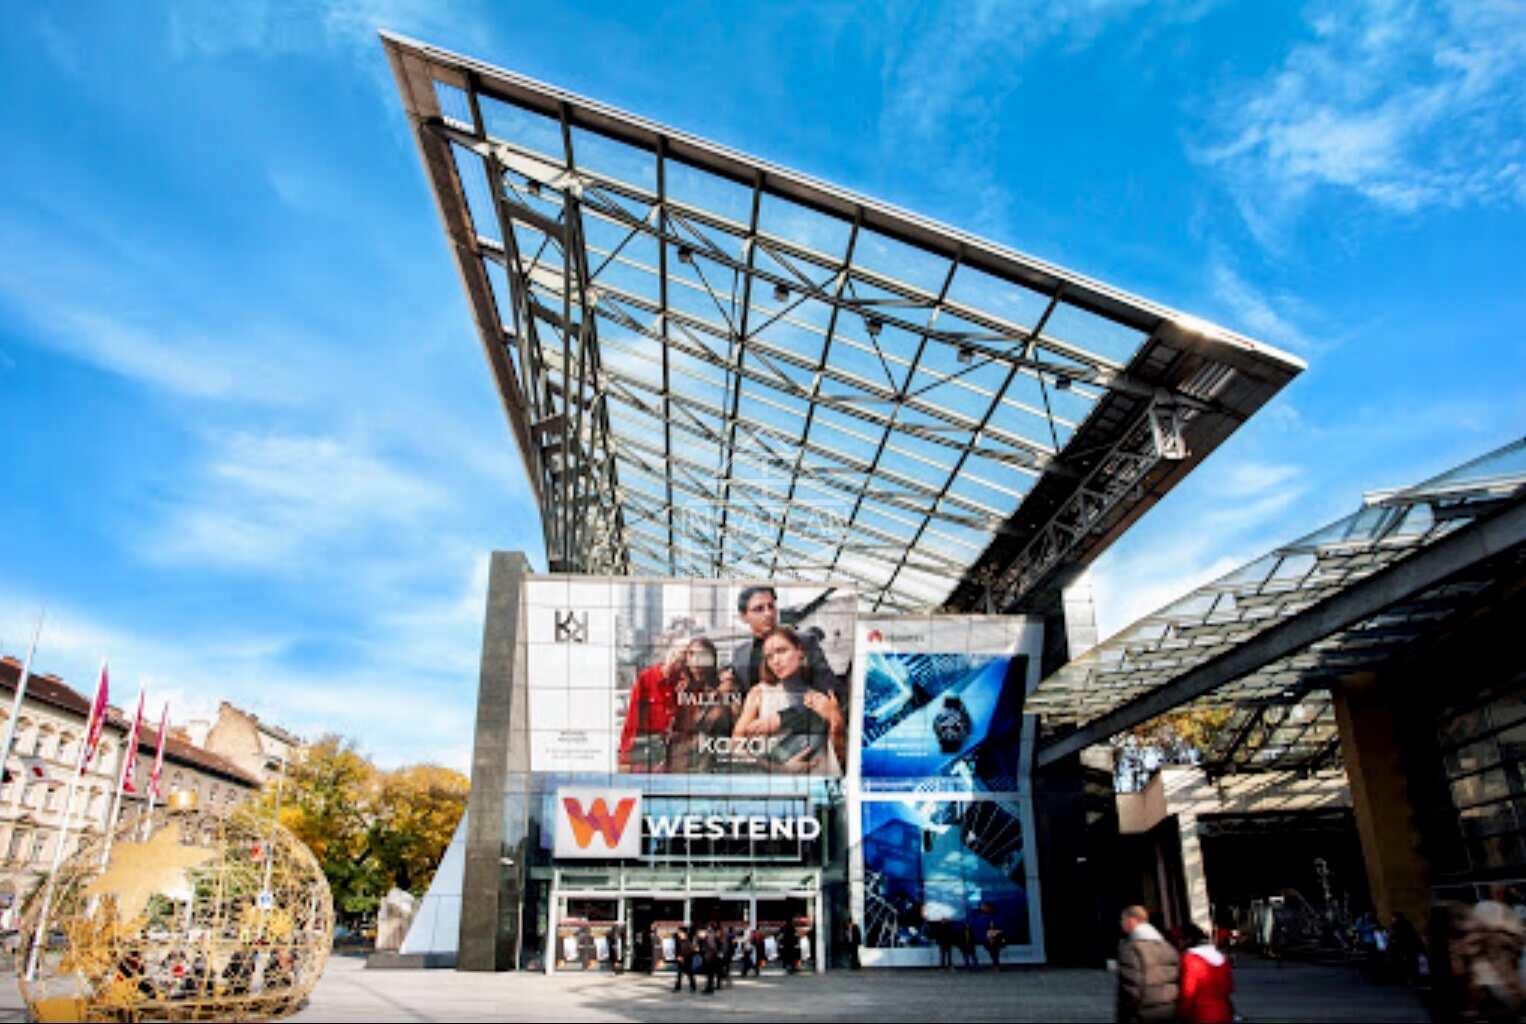 VI.ker, Teréz krt, WestEnd , 25m2, metroszint legfrekventáltabb helyén metró bejáratnál, vízesésnél üzlethelyiség kiadò